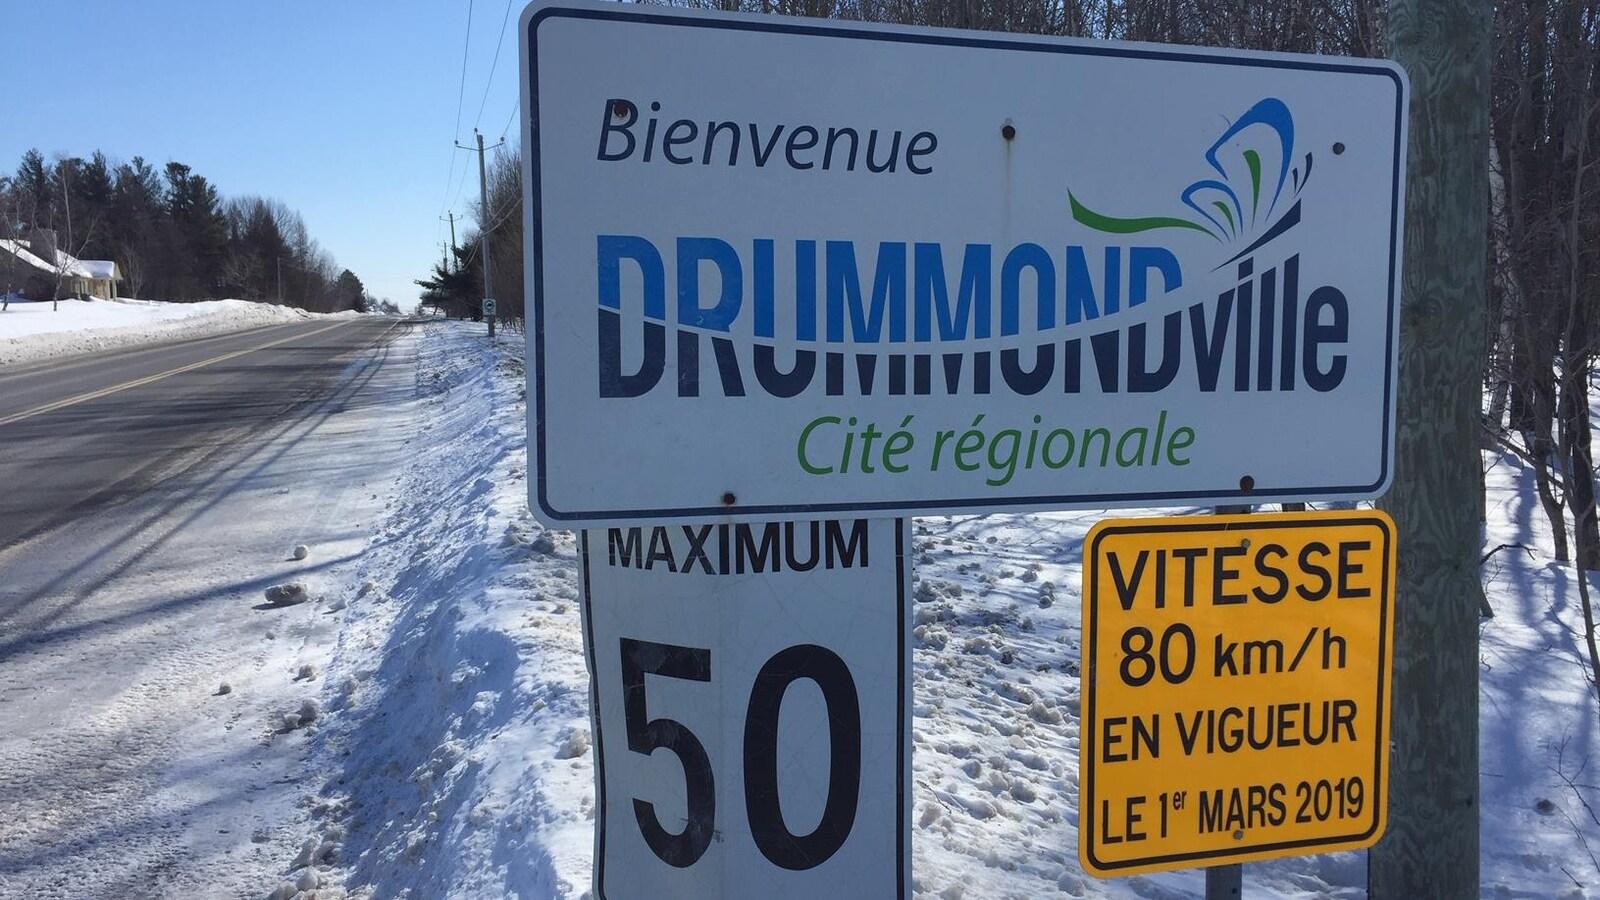 Panneau indiquant qu'à compter du 1er mars 2019, la limite de vitesse passera de 50 km/h à 80 km/h dans une rue de Drummondville.